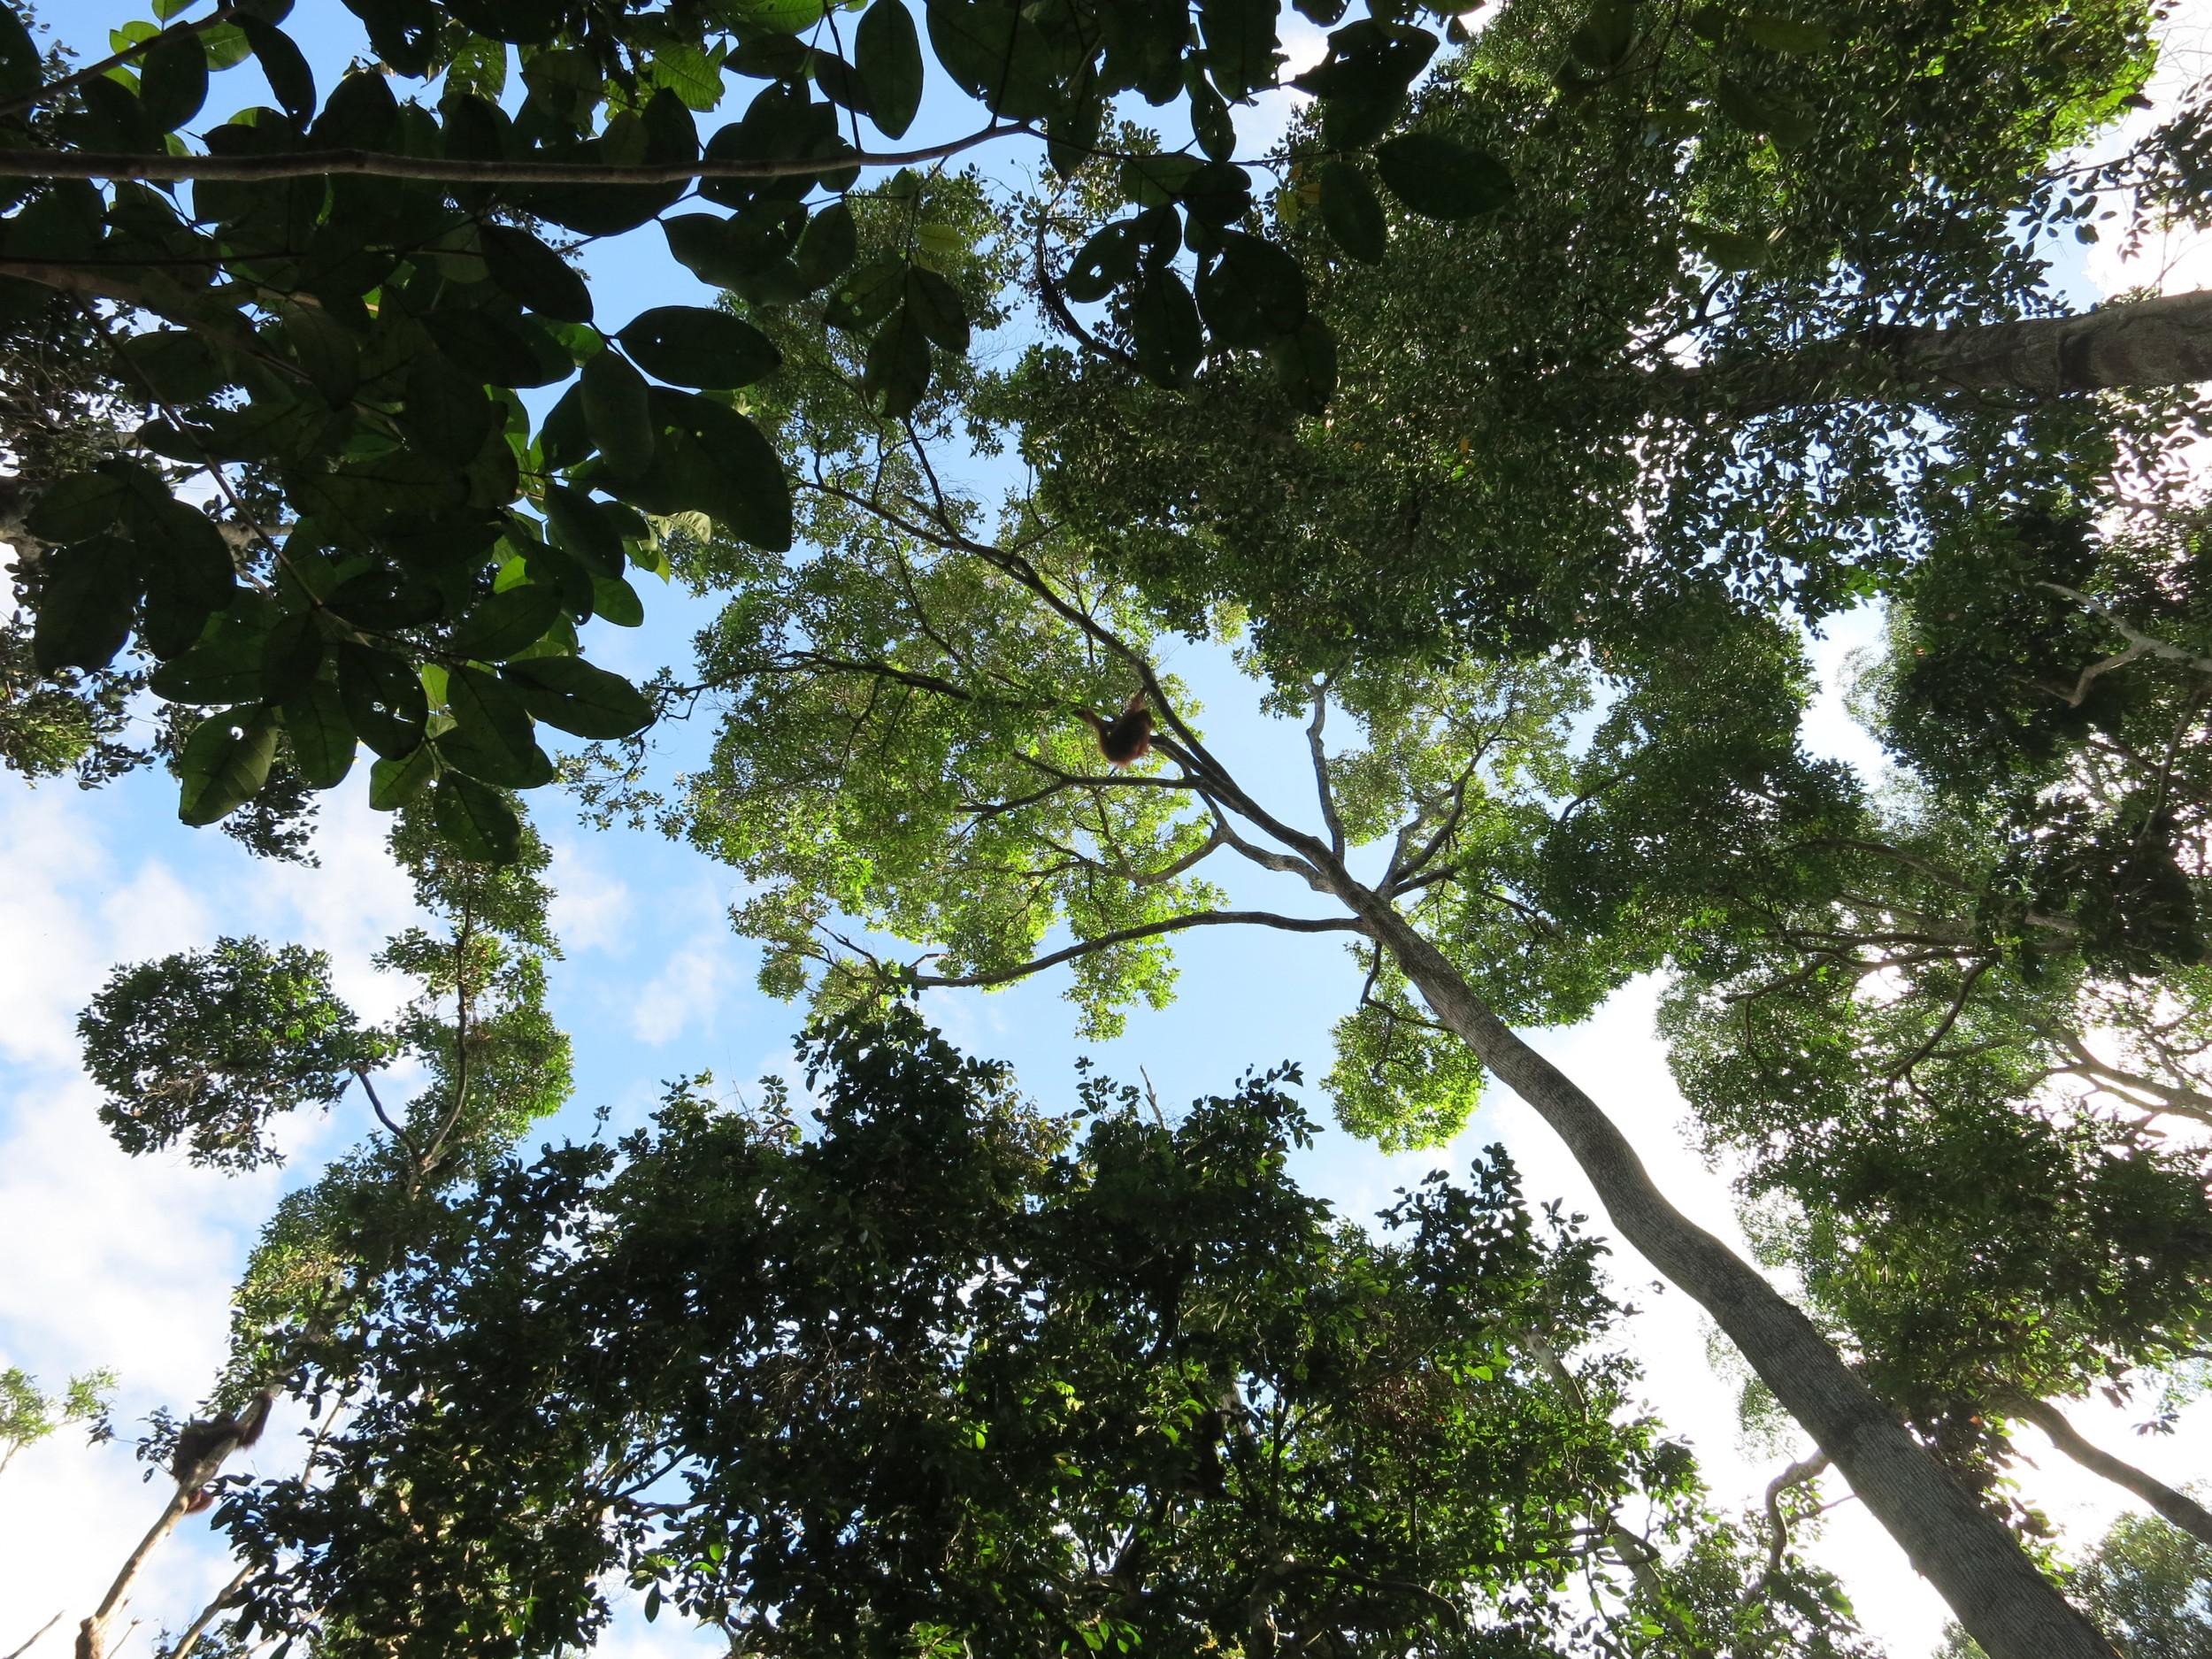 Find the Orangutan!